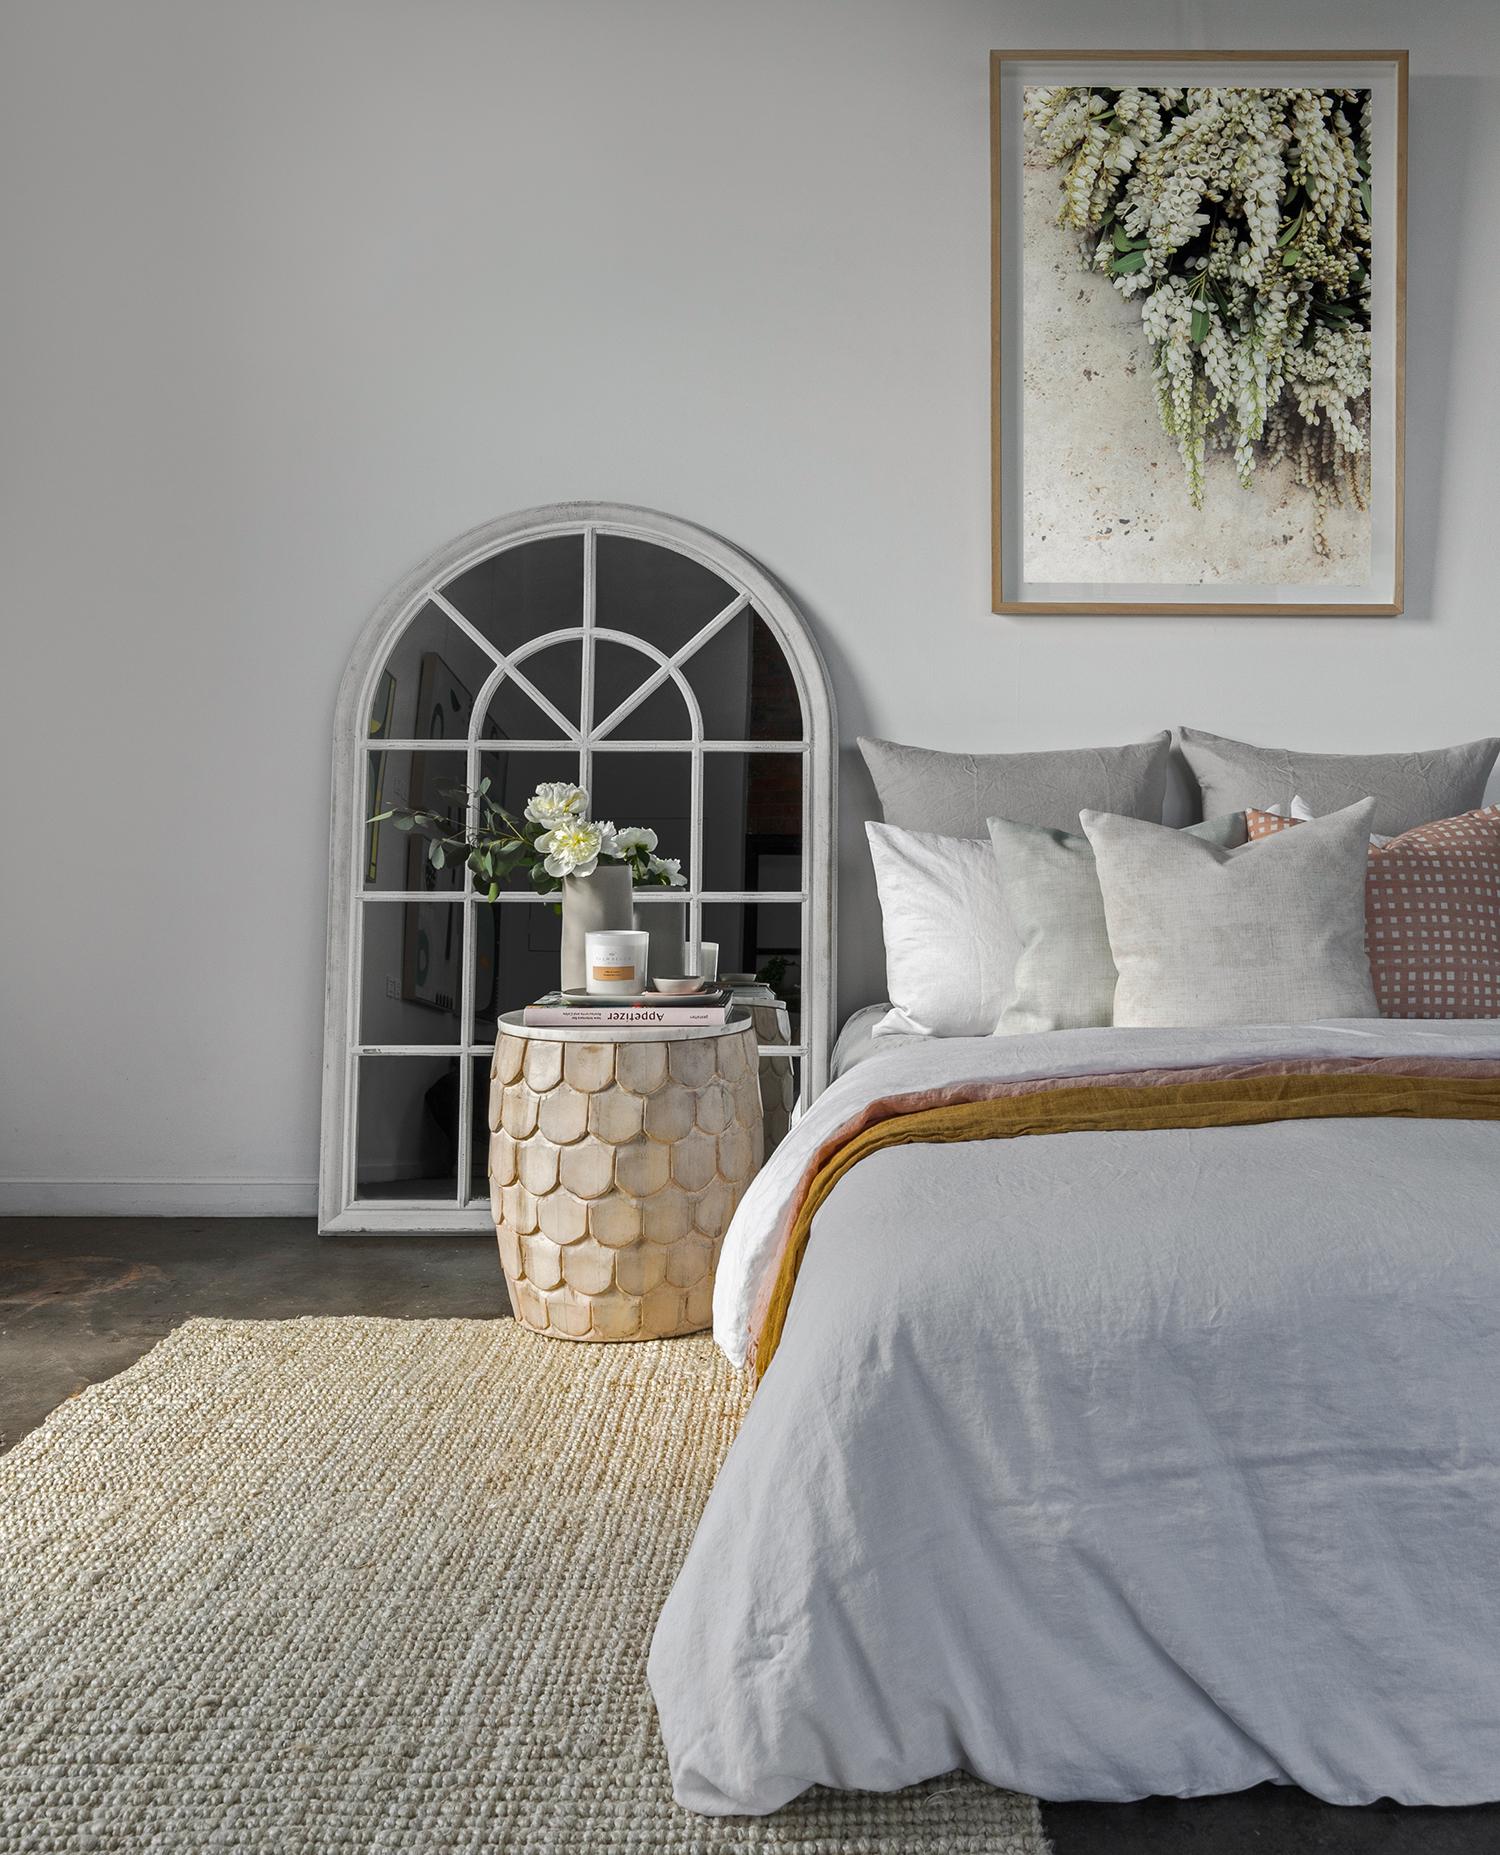 coastal bedroom on mornington peninsula interior design by dunne interiors.jpg